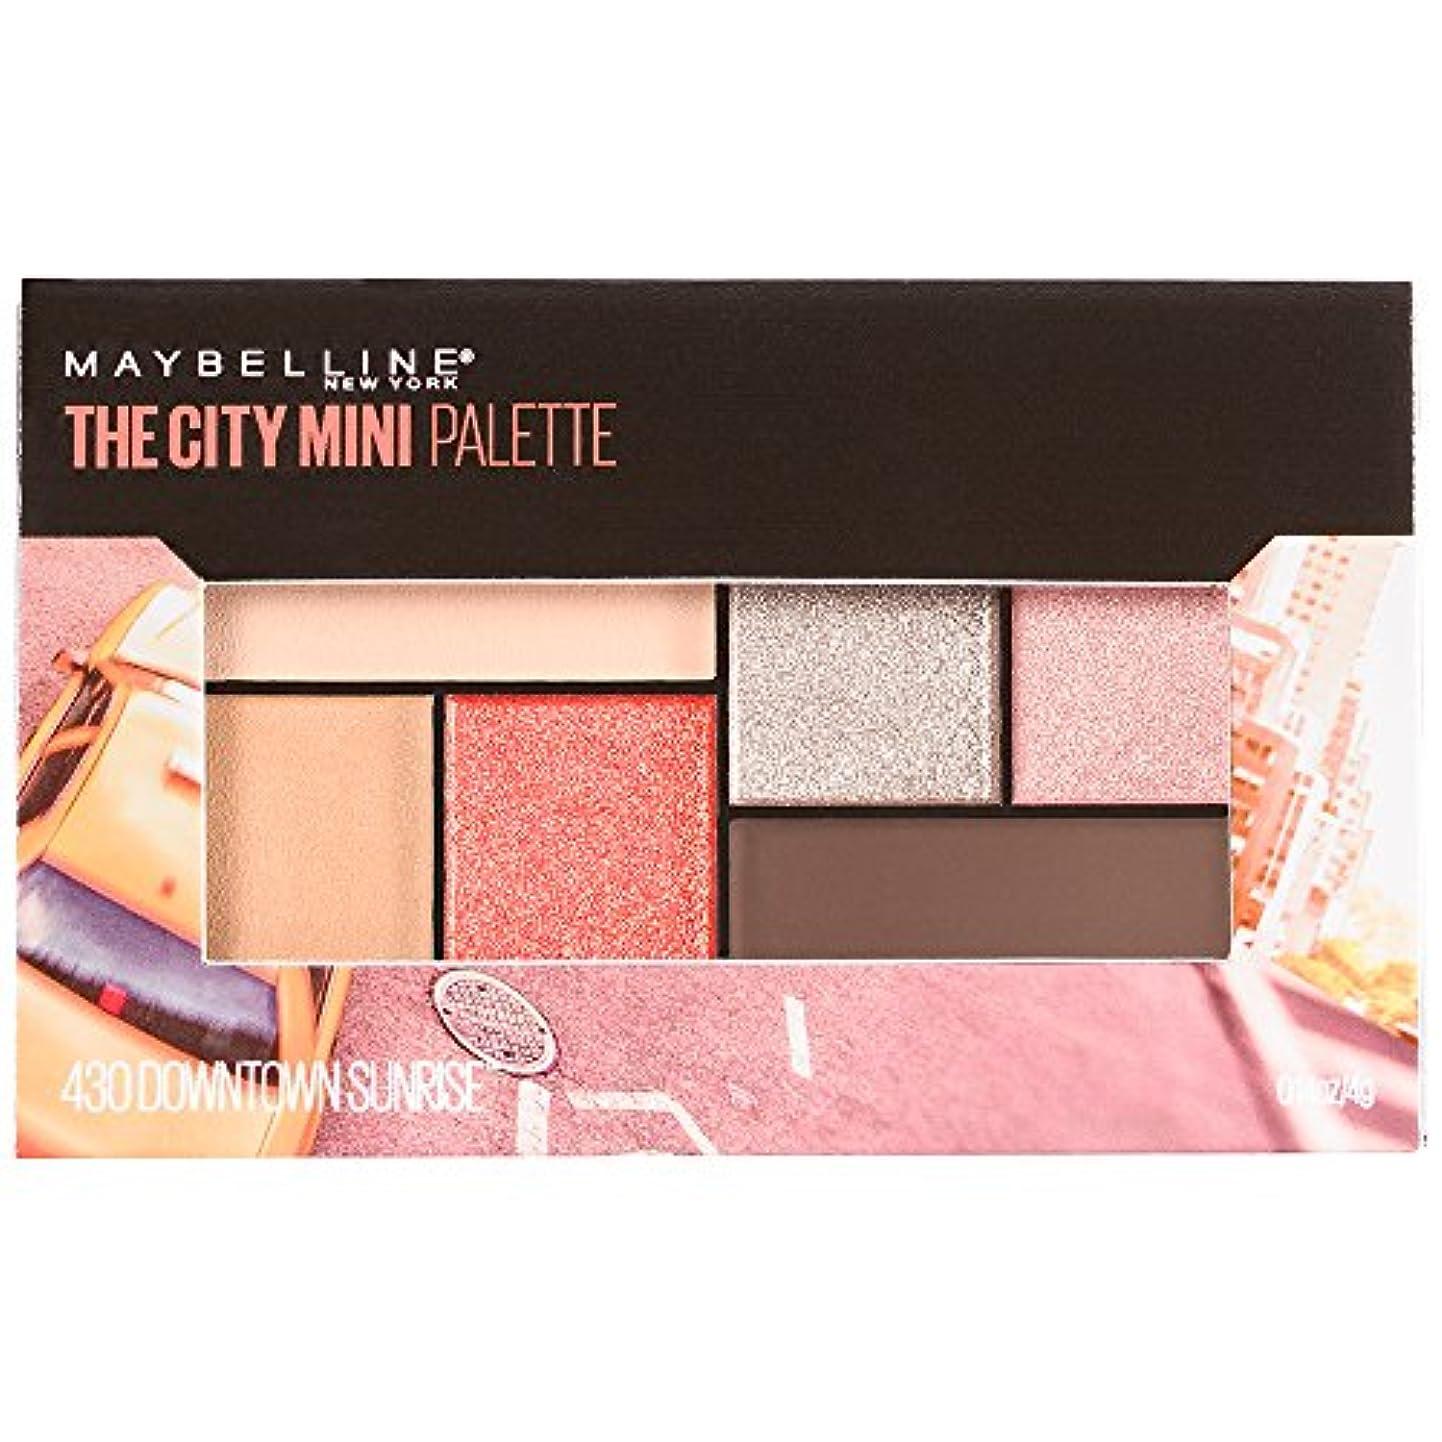 愚か爆発する欠陥MAYBELLINE The City Mini Palette - Downtown Sunrise (並行輸入品)